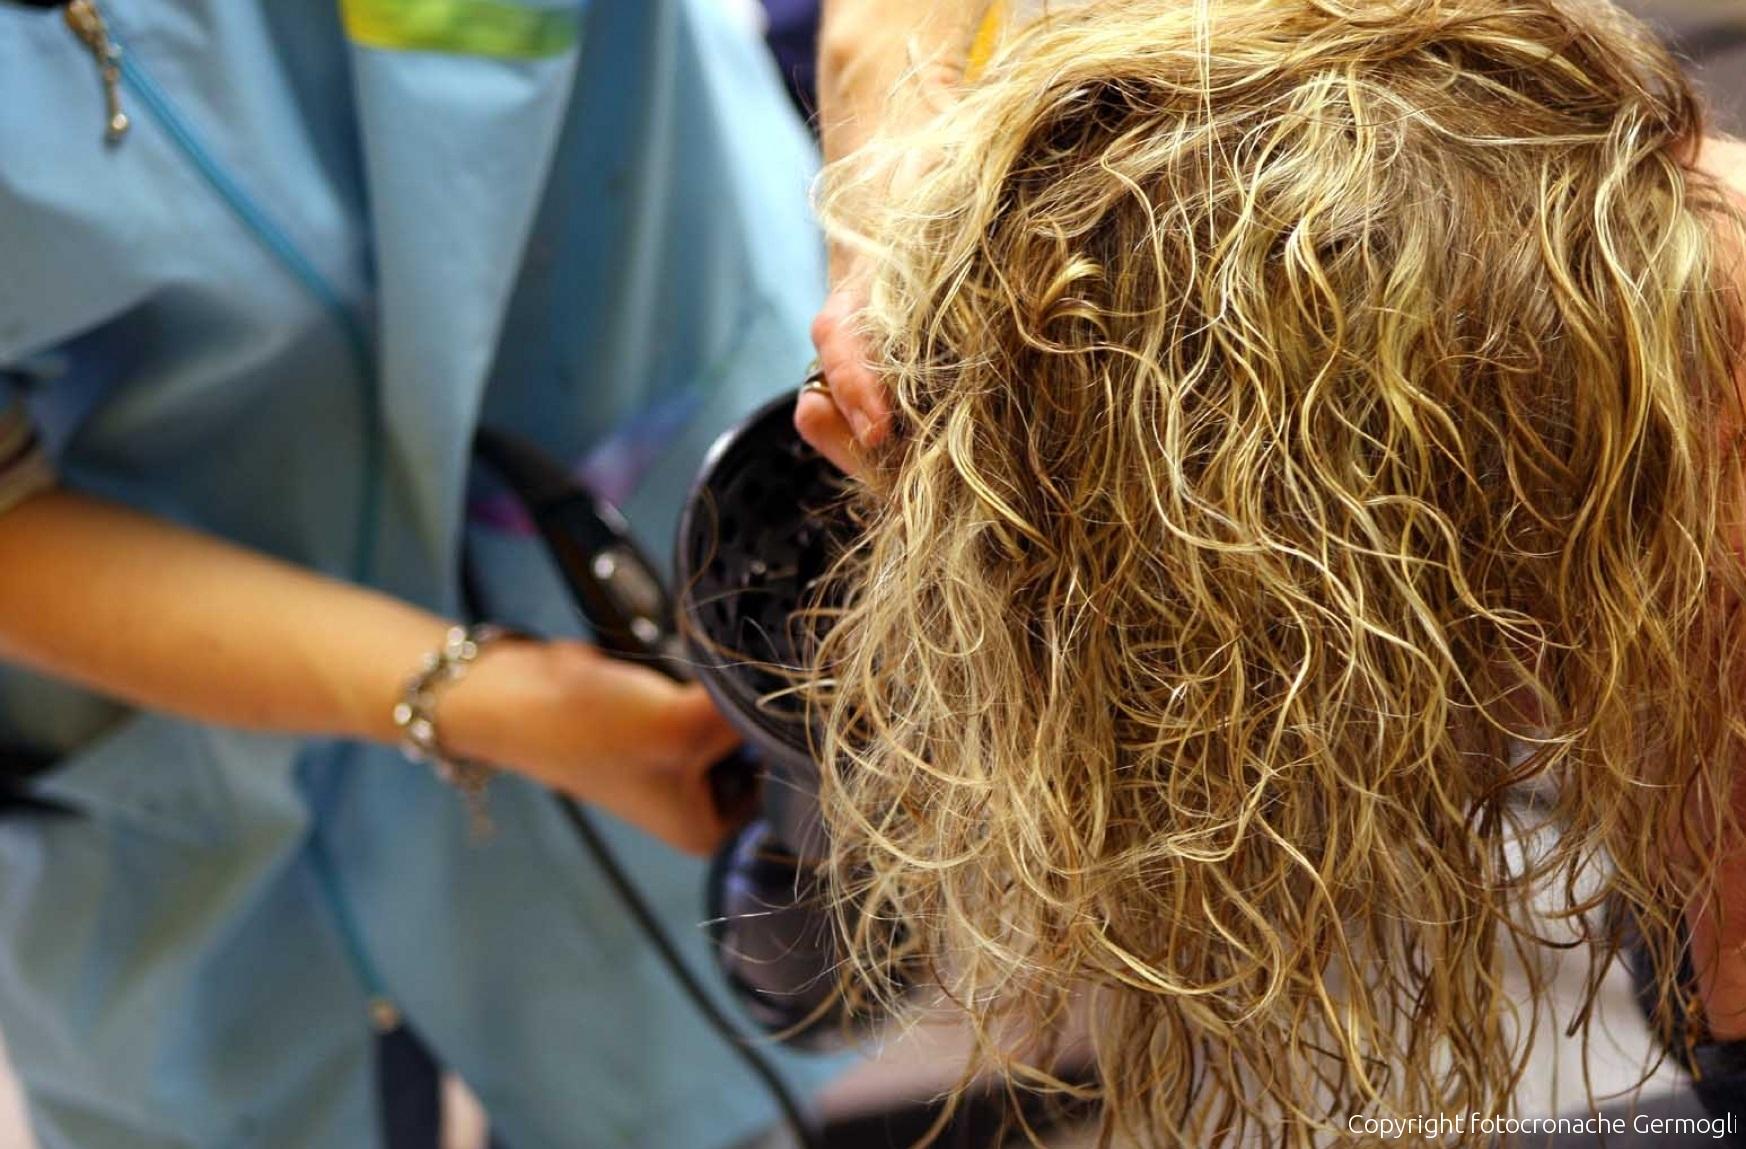 Vuole farsi bionda: il parrucchiere le brucia la testa